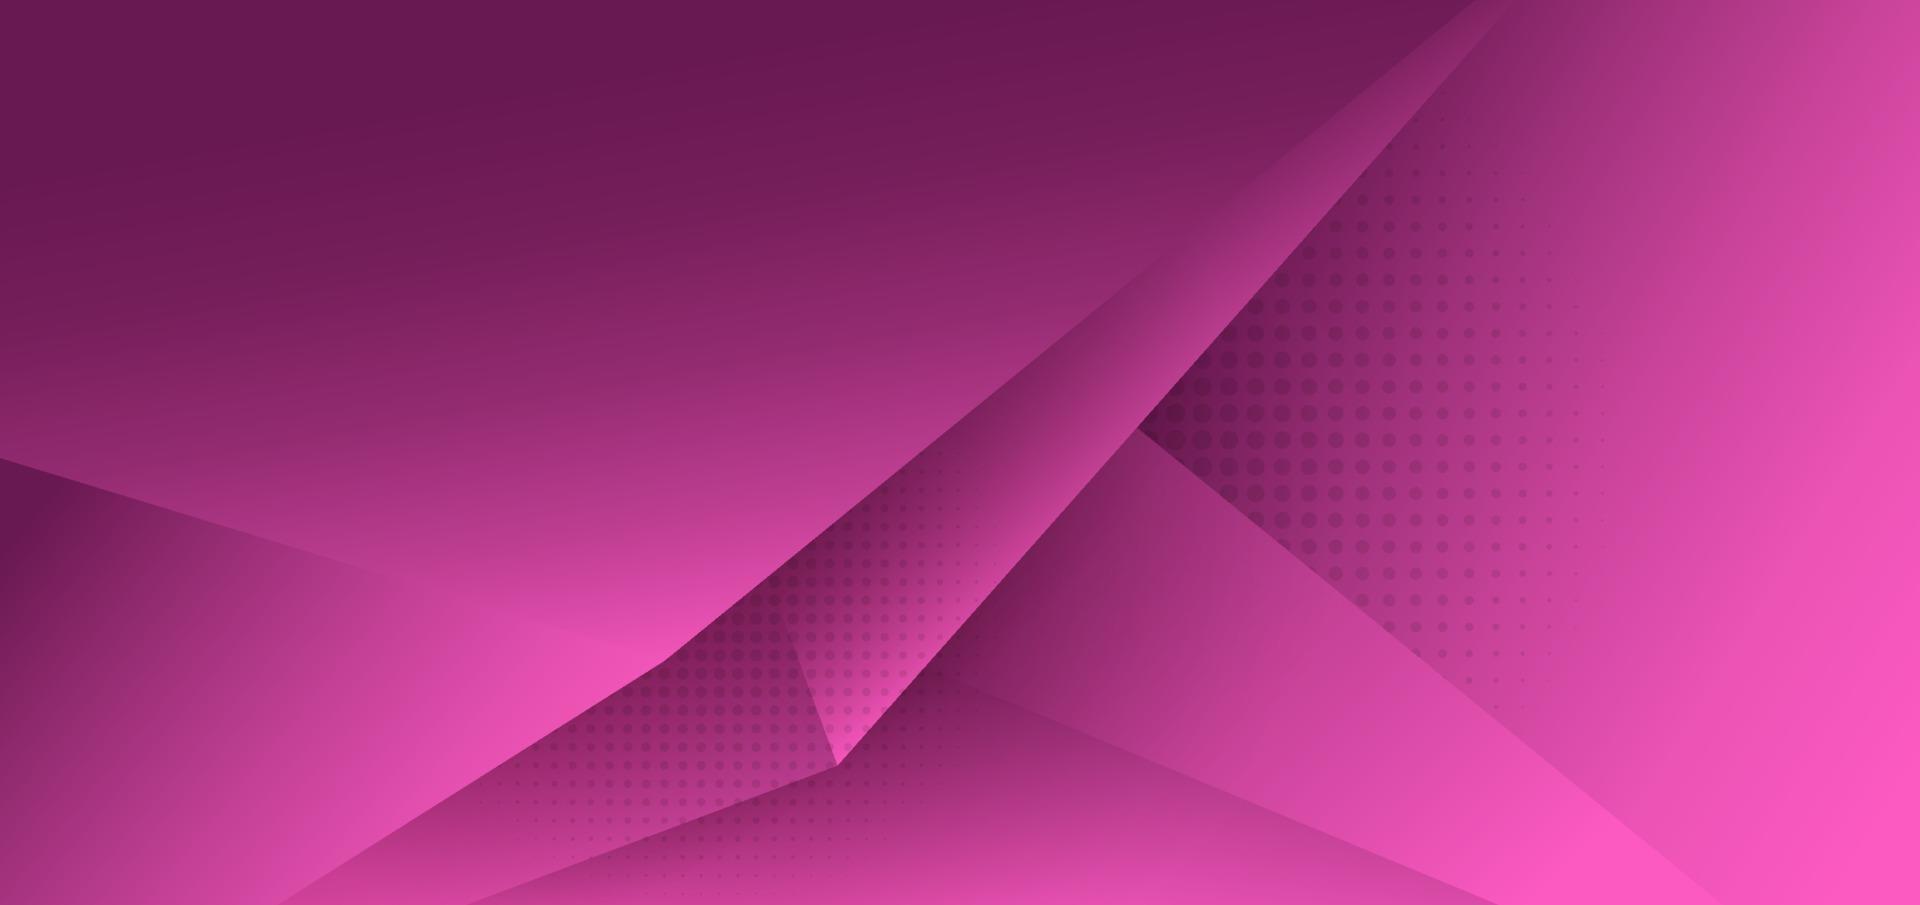 abstrakt rosa polygontriangelgradientbakgrund med skugga och utrymme för din text. vektor